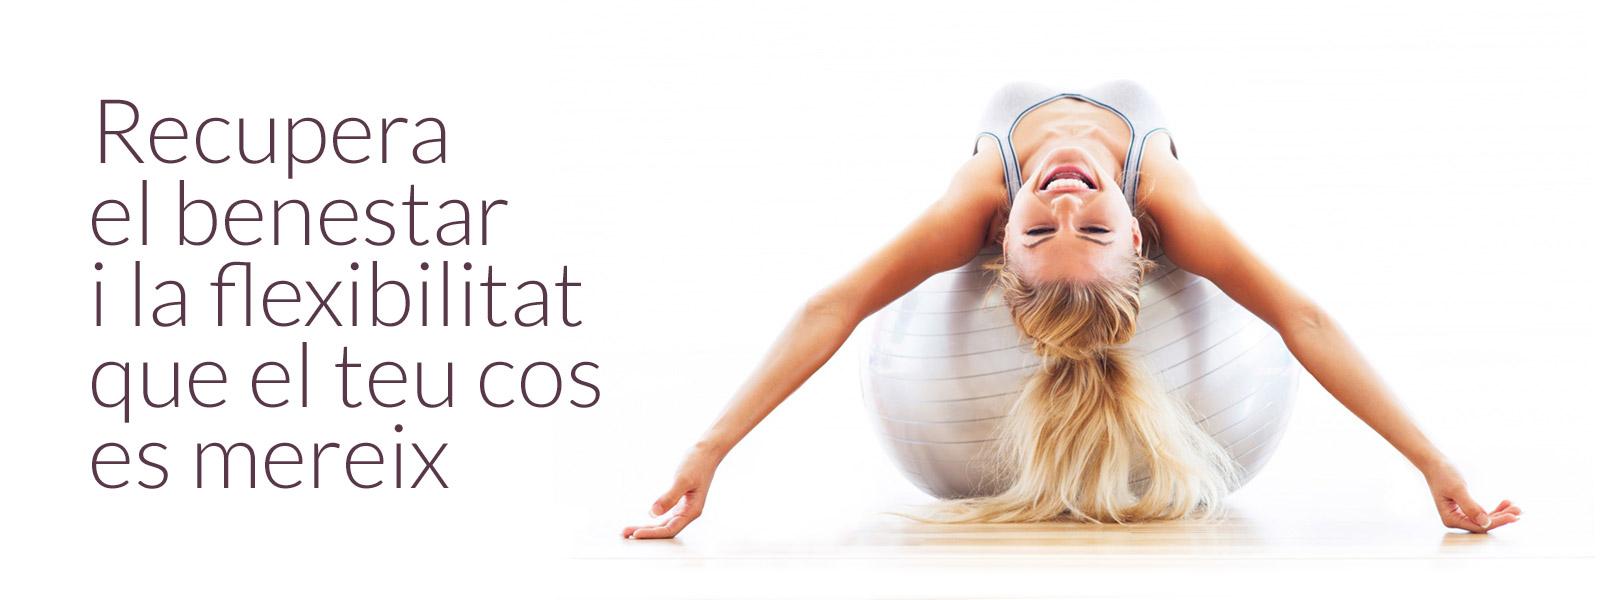 Recupera el benestar i la flexibilitat que el teu cos es mereix